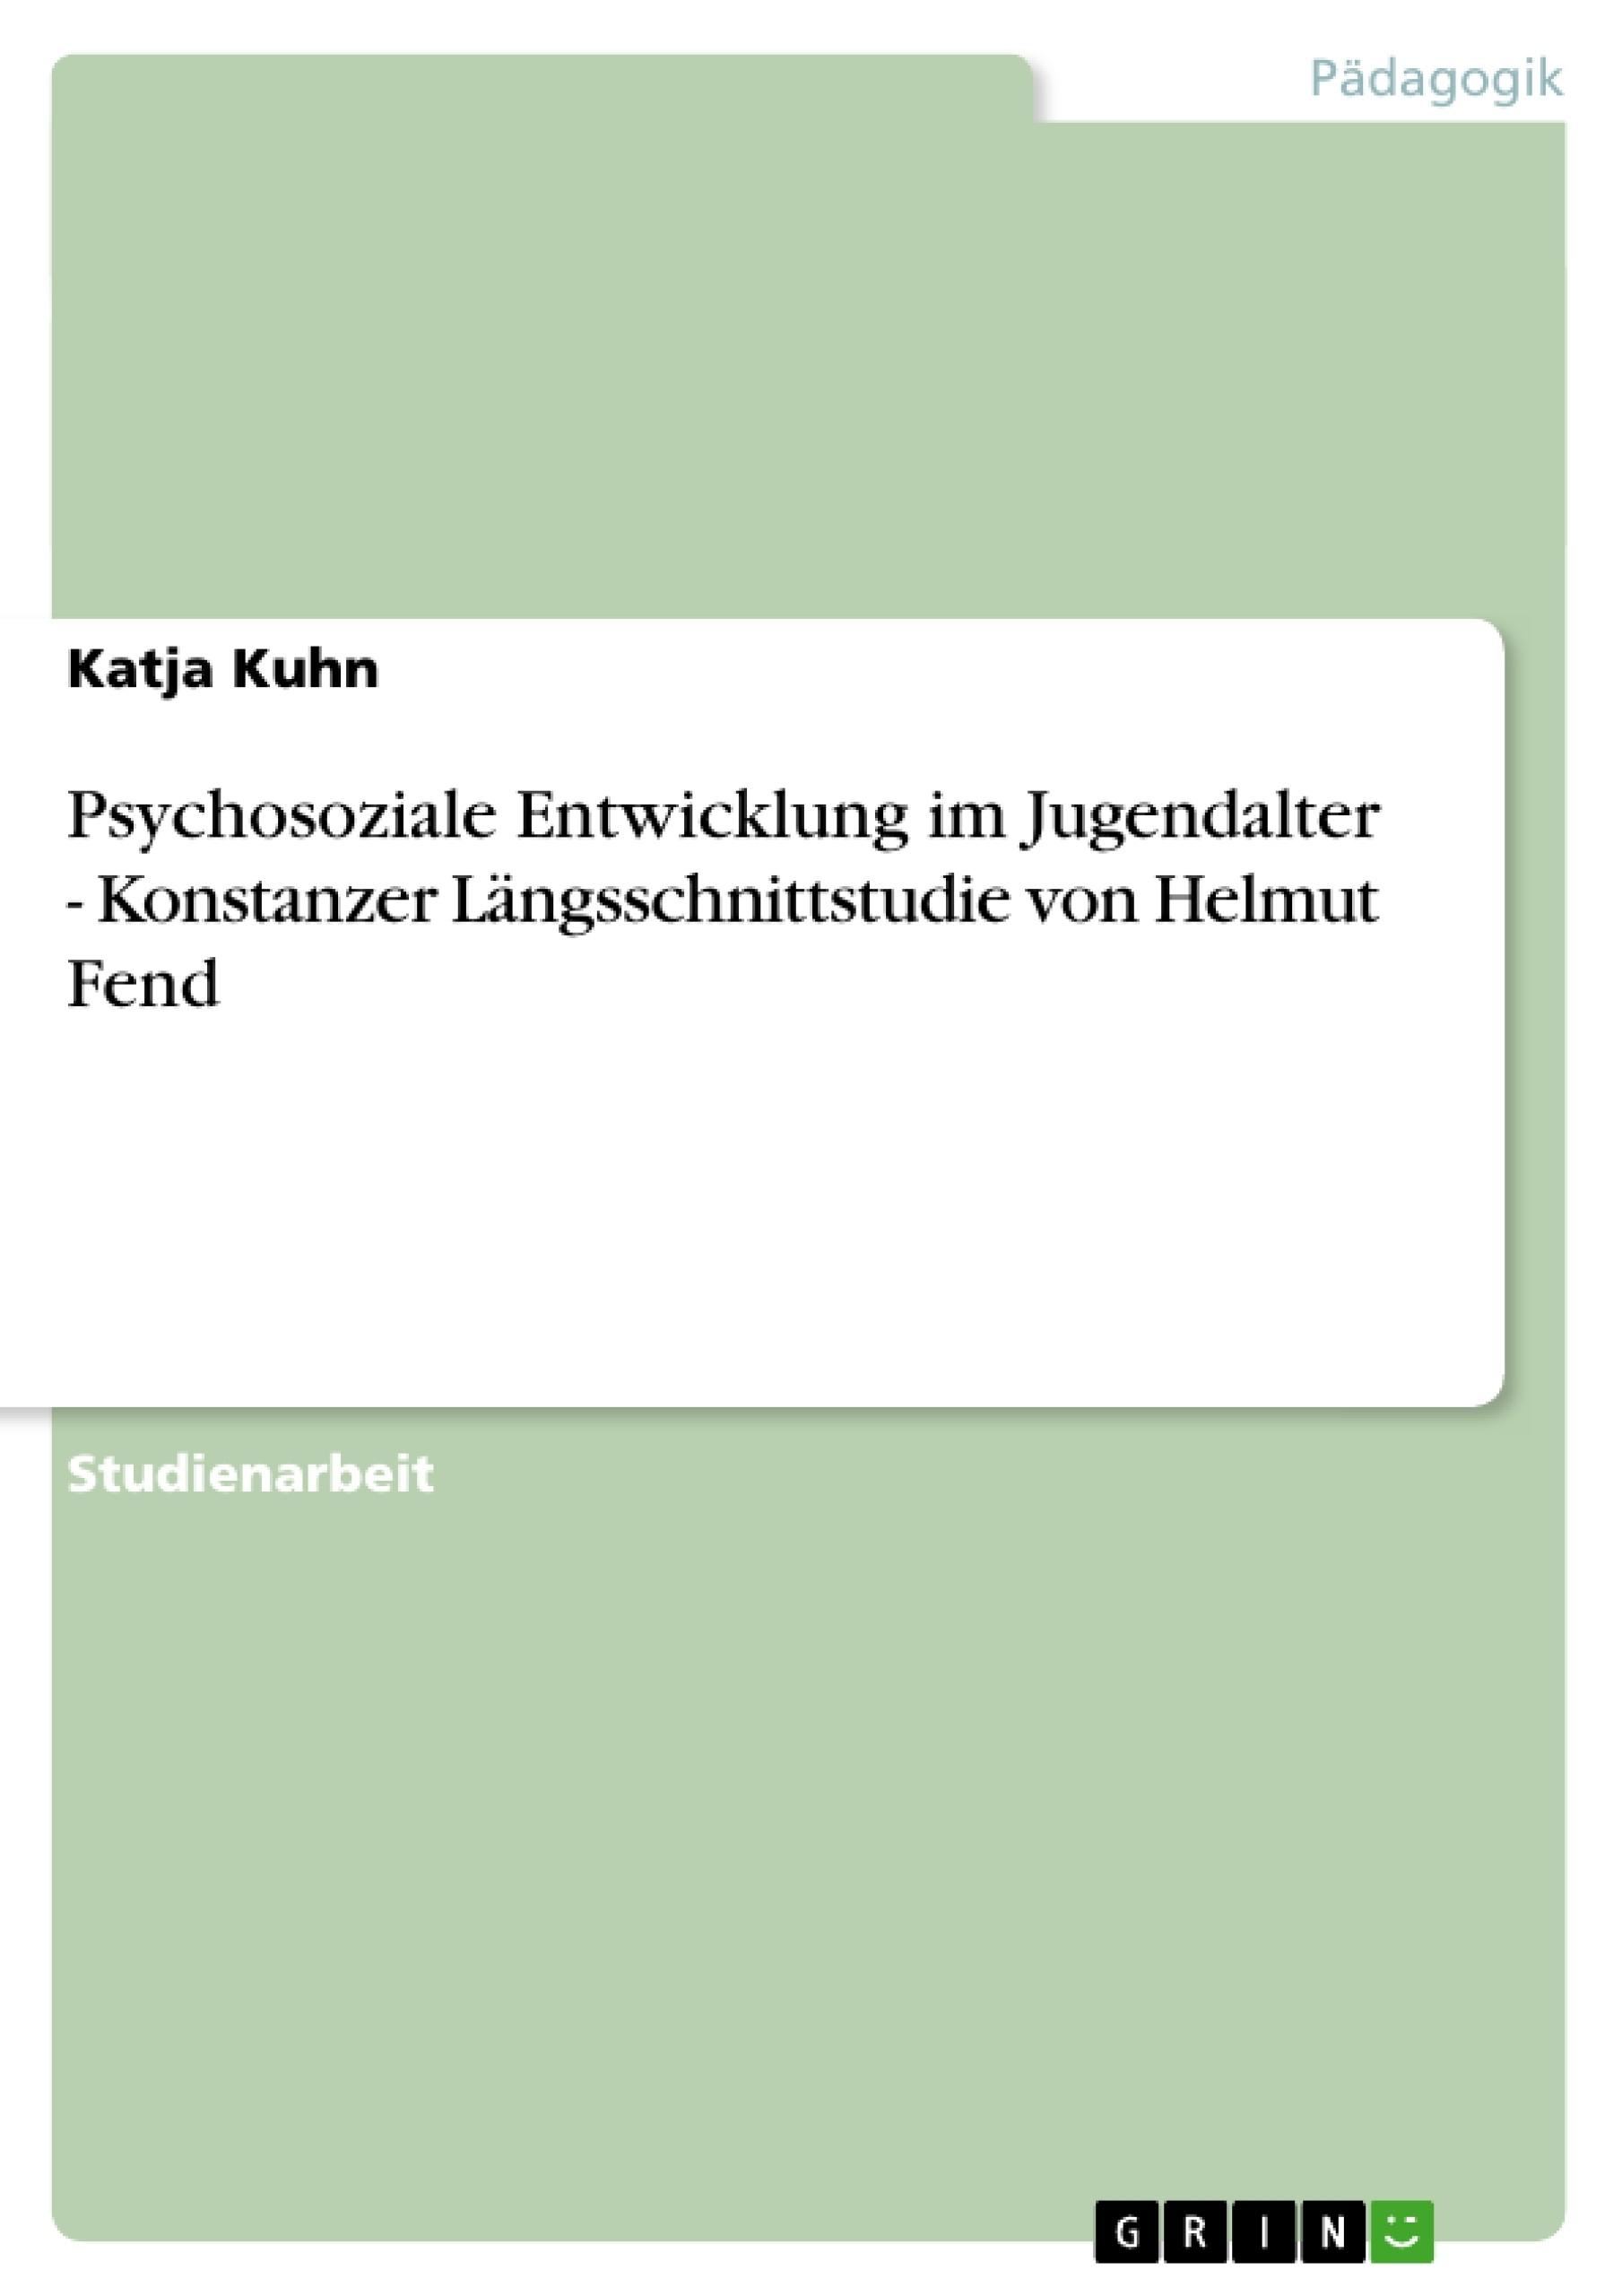 Titel: Psychosoziale Entwicklung im Jugendalter - Konstanzer Längsschnittstudie von Helmut Fend